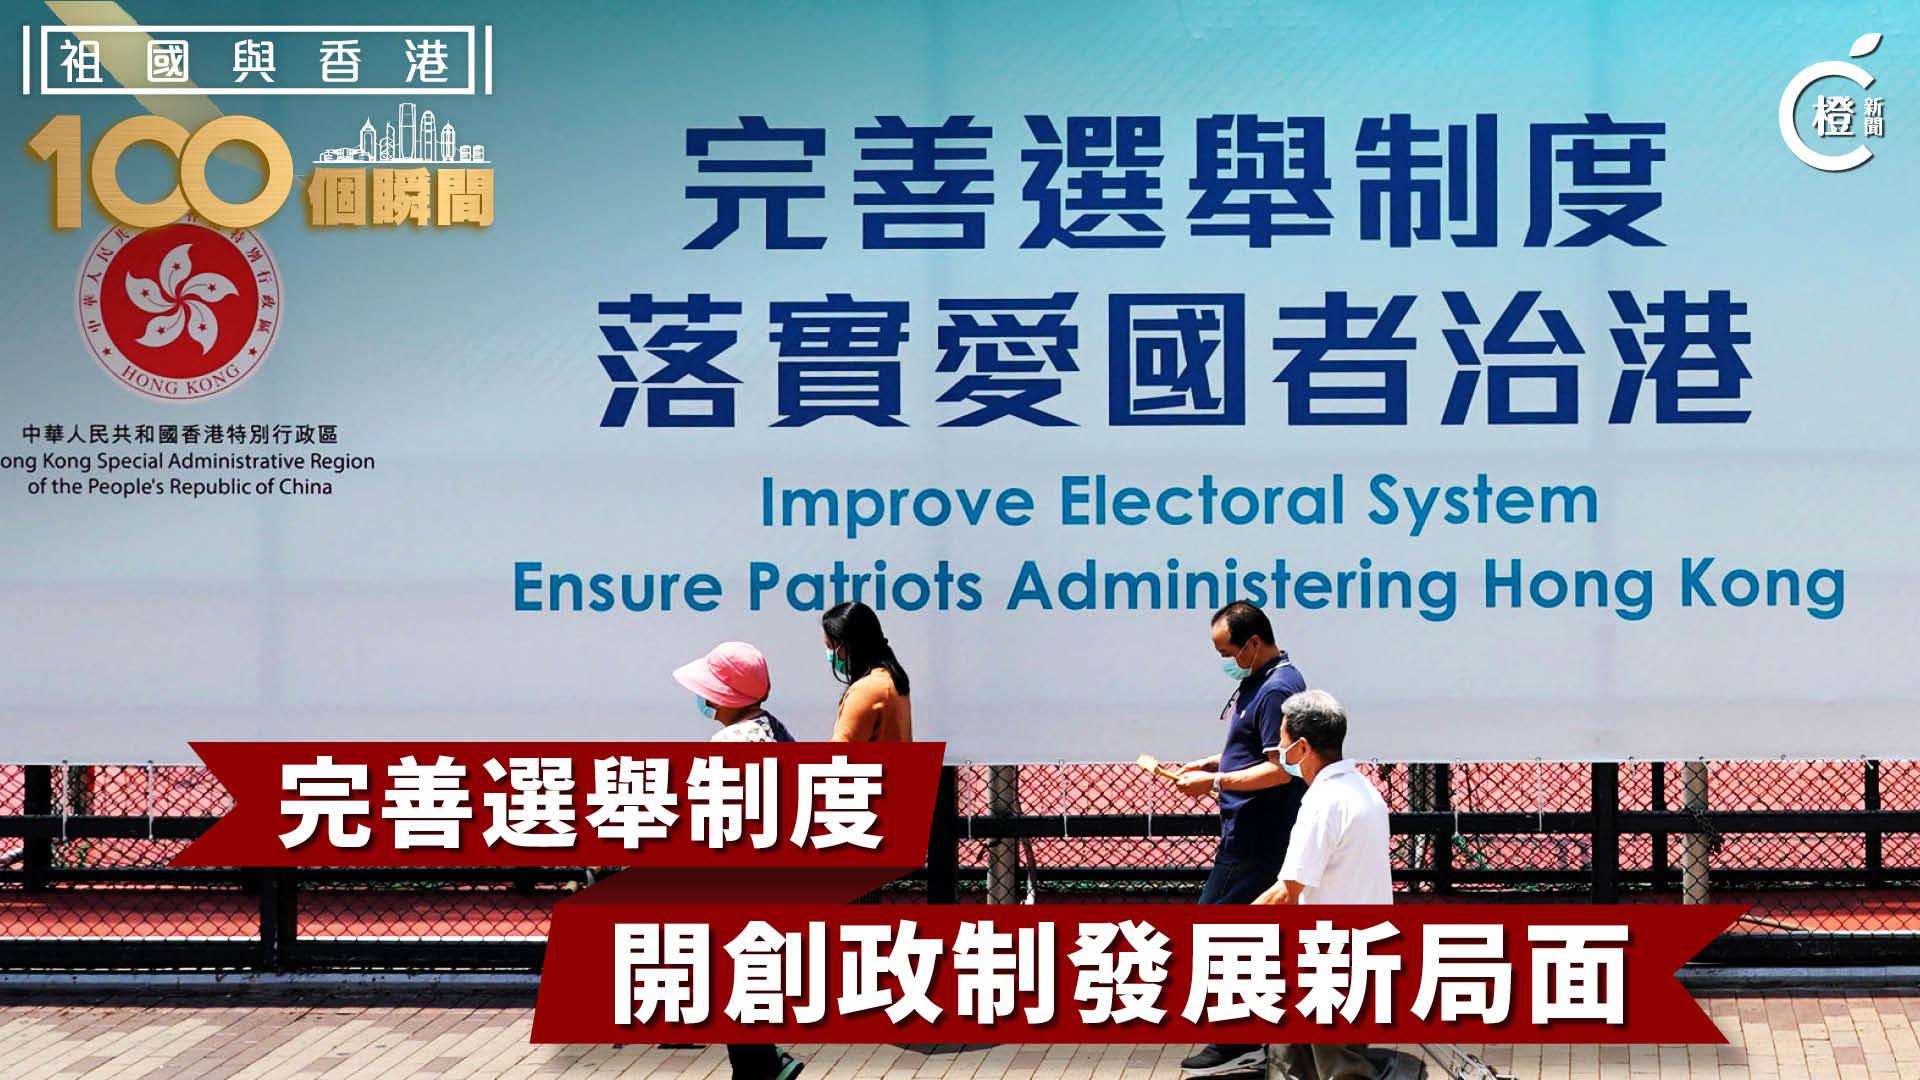 【祖國與香港100個瞬間】完善選舉制度 開創政制發展新局面